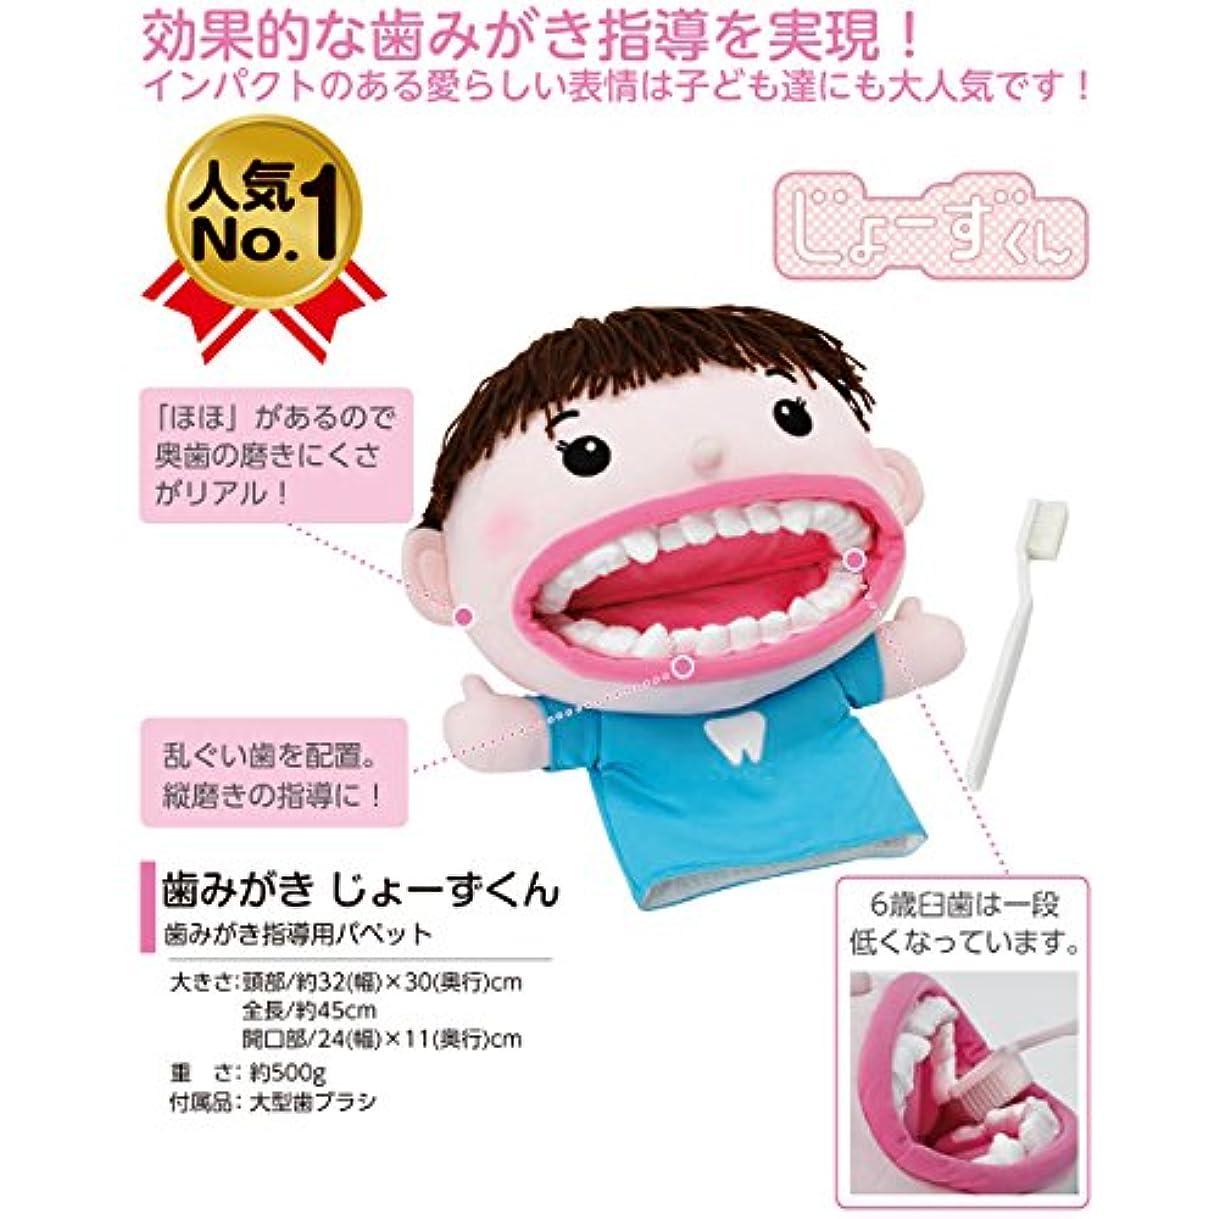 旅行スケルトンコンサート歯みがき じょーずくん 歯磨き 指導用 教育用 パペット 人形 ぬいぐるみ